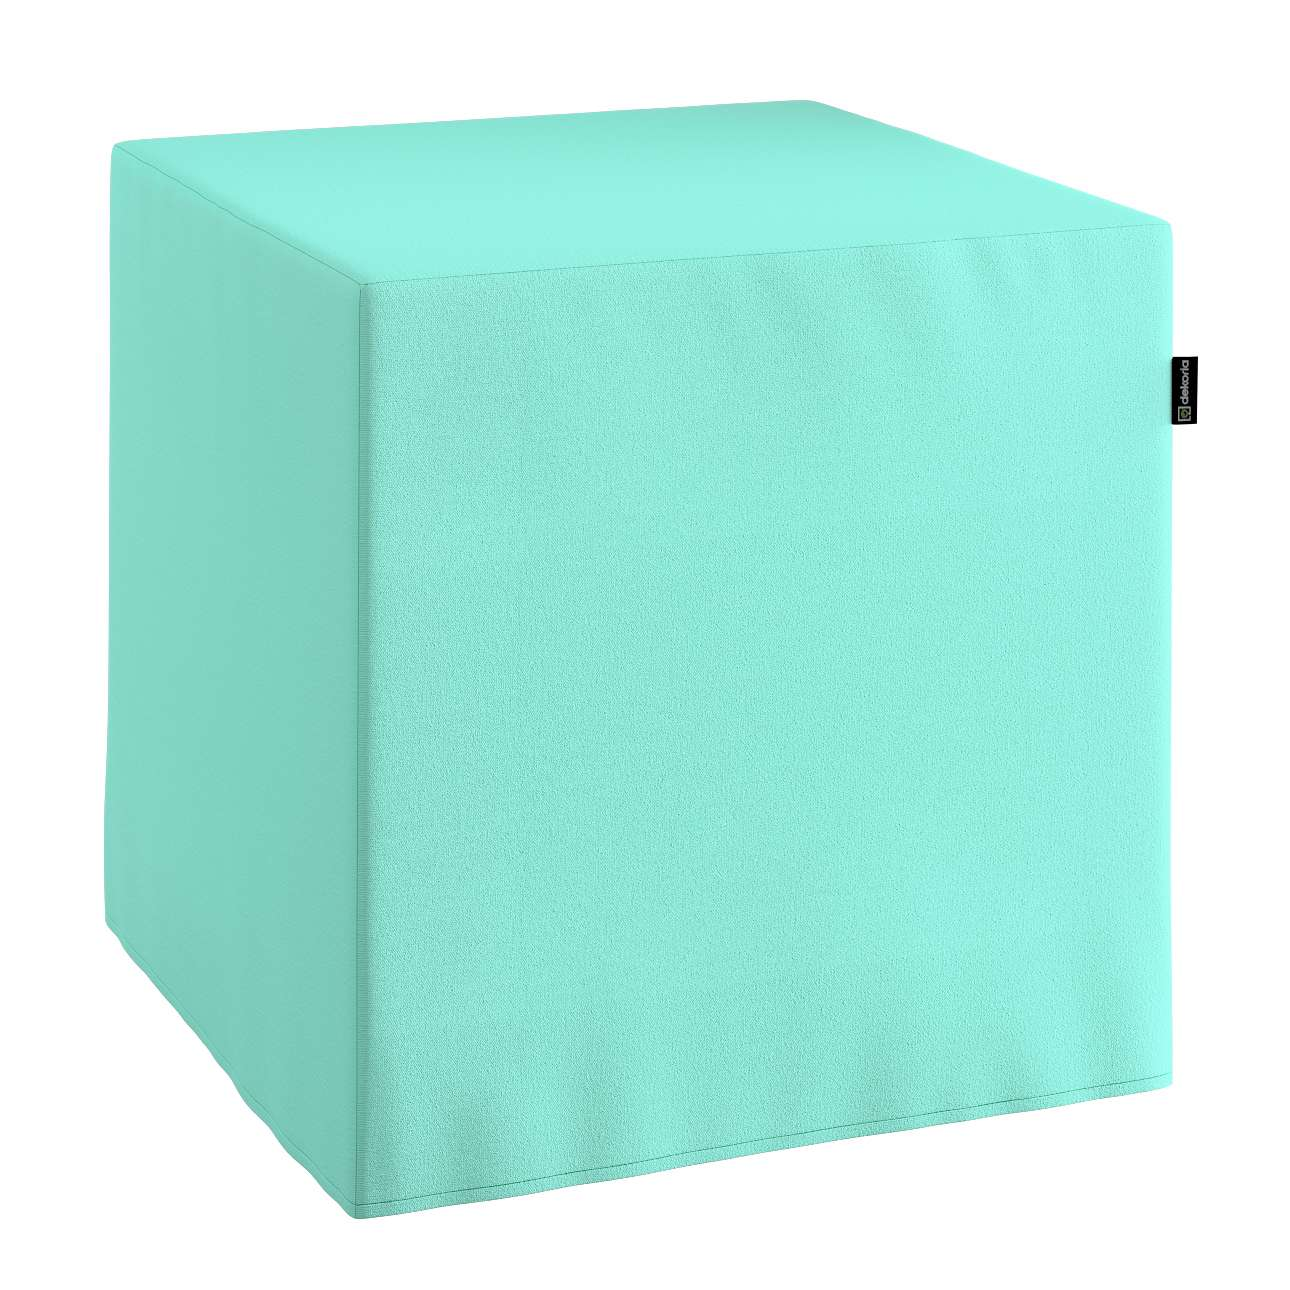 Pokrowiec na pufę kostke kostka 40x40x40 cm w kolekcji Loneta, tkanina: 133-32